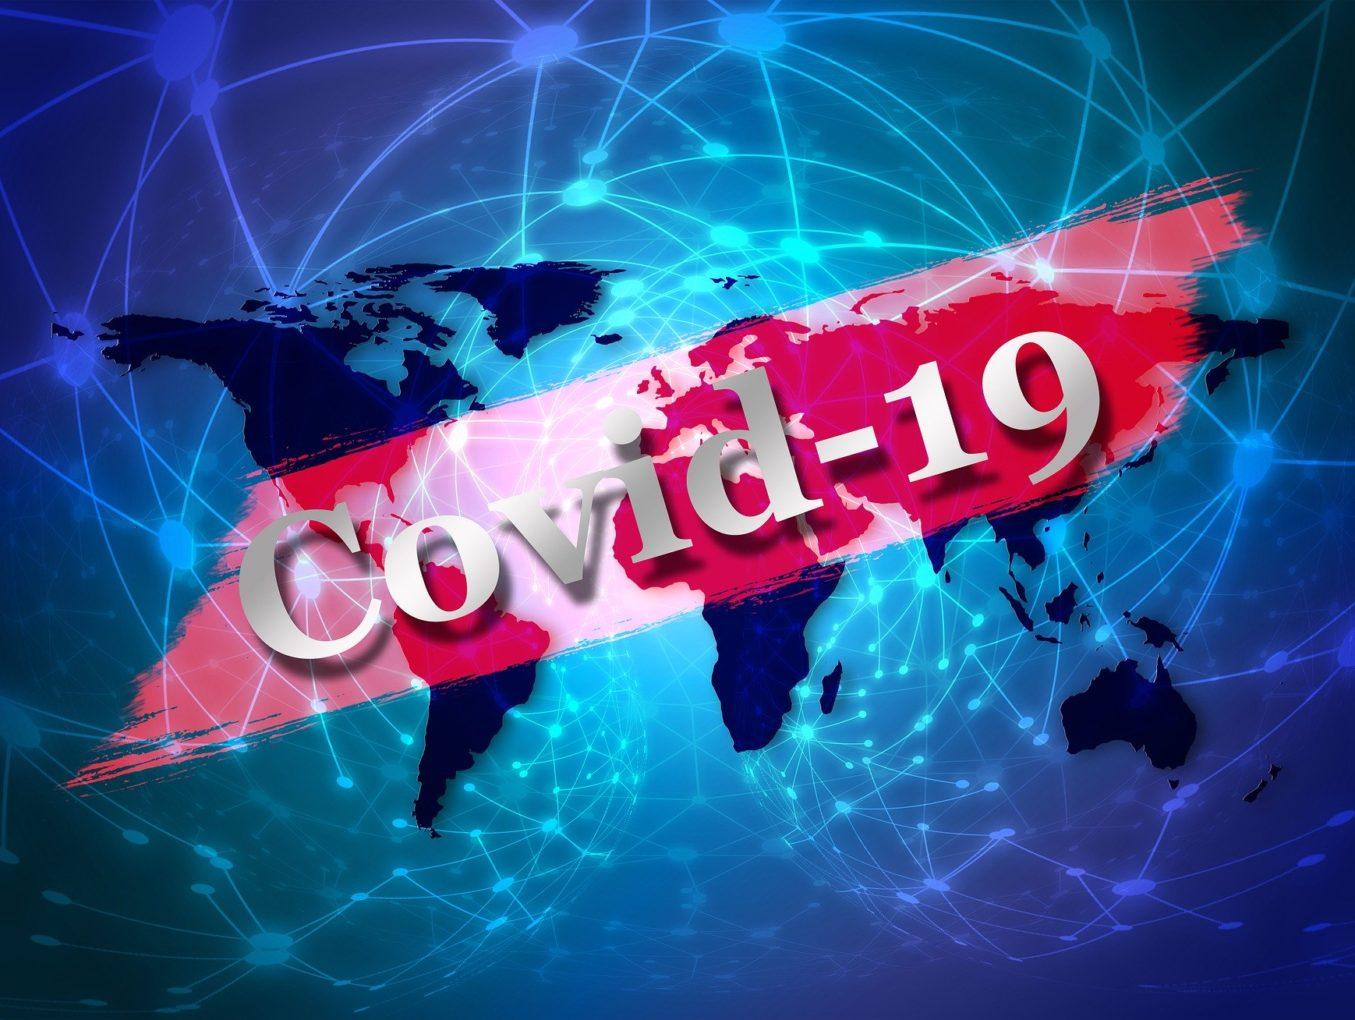 Corona virus : recommandations pour la santé / le voyage